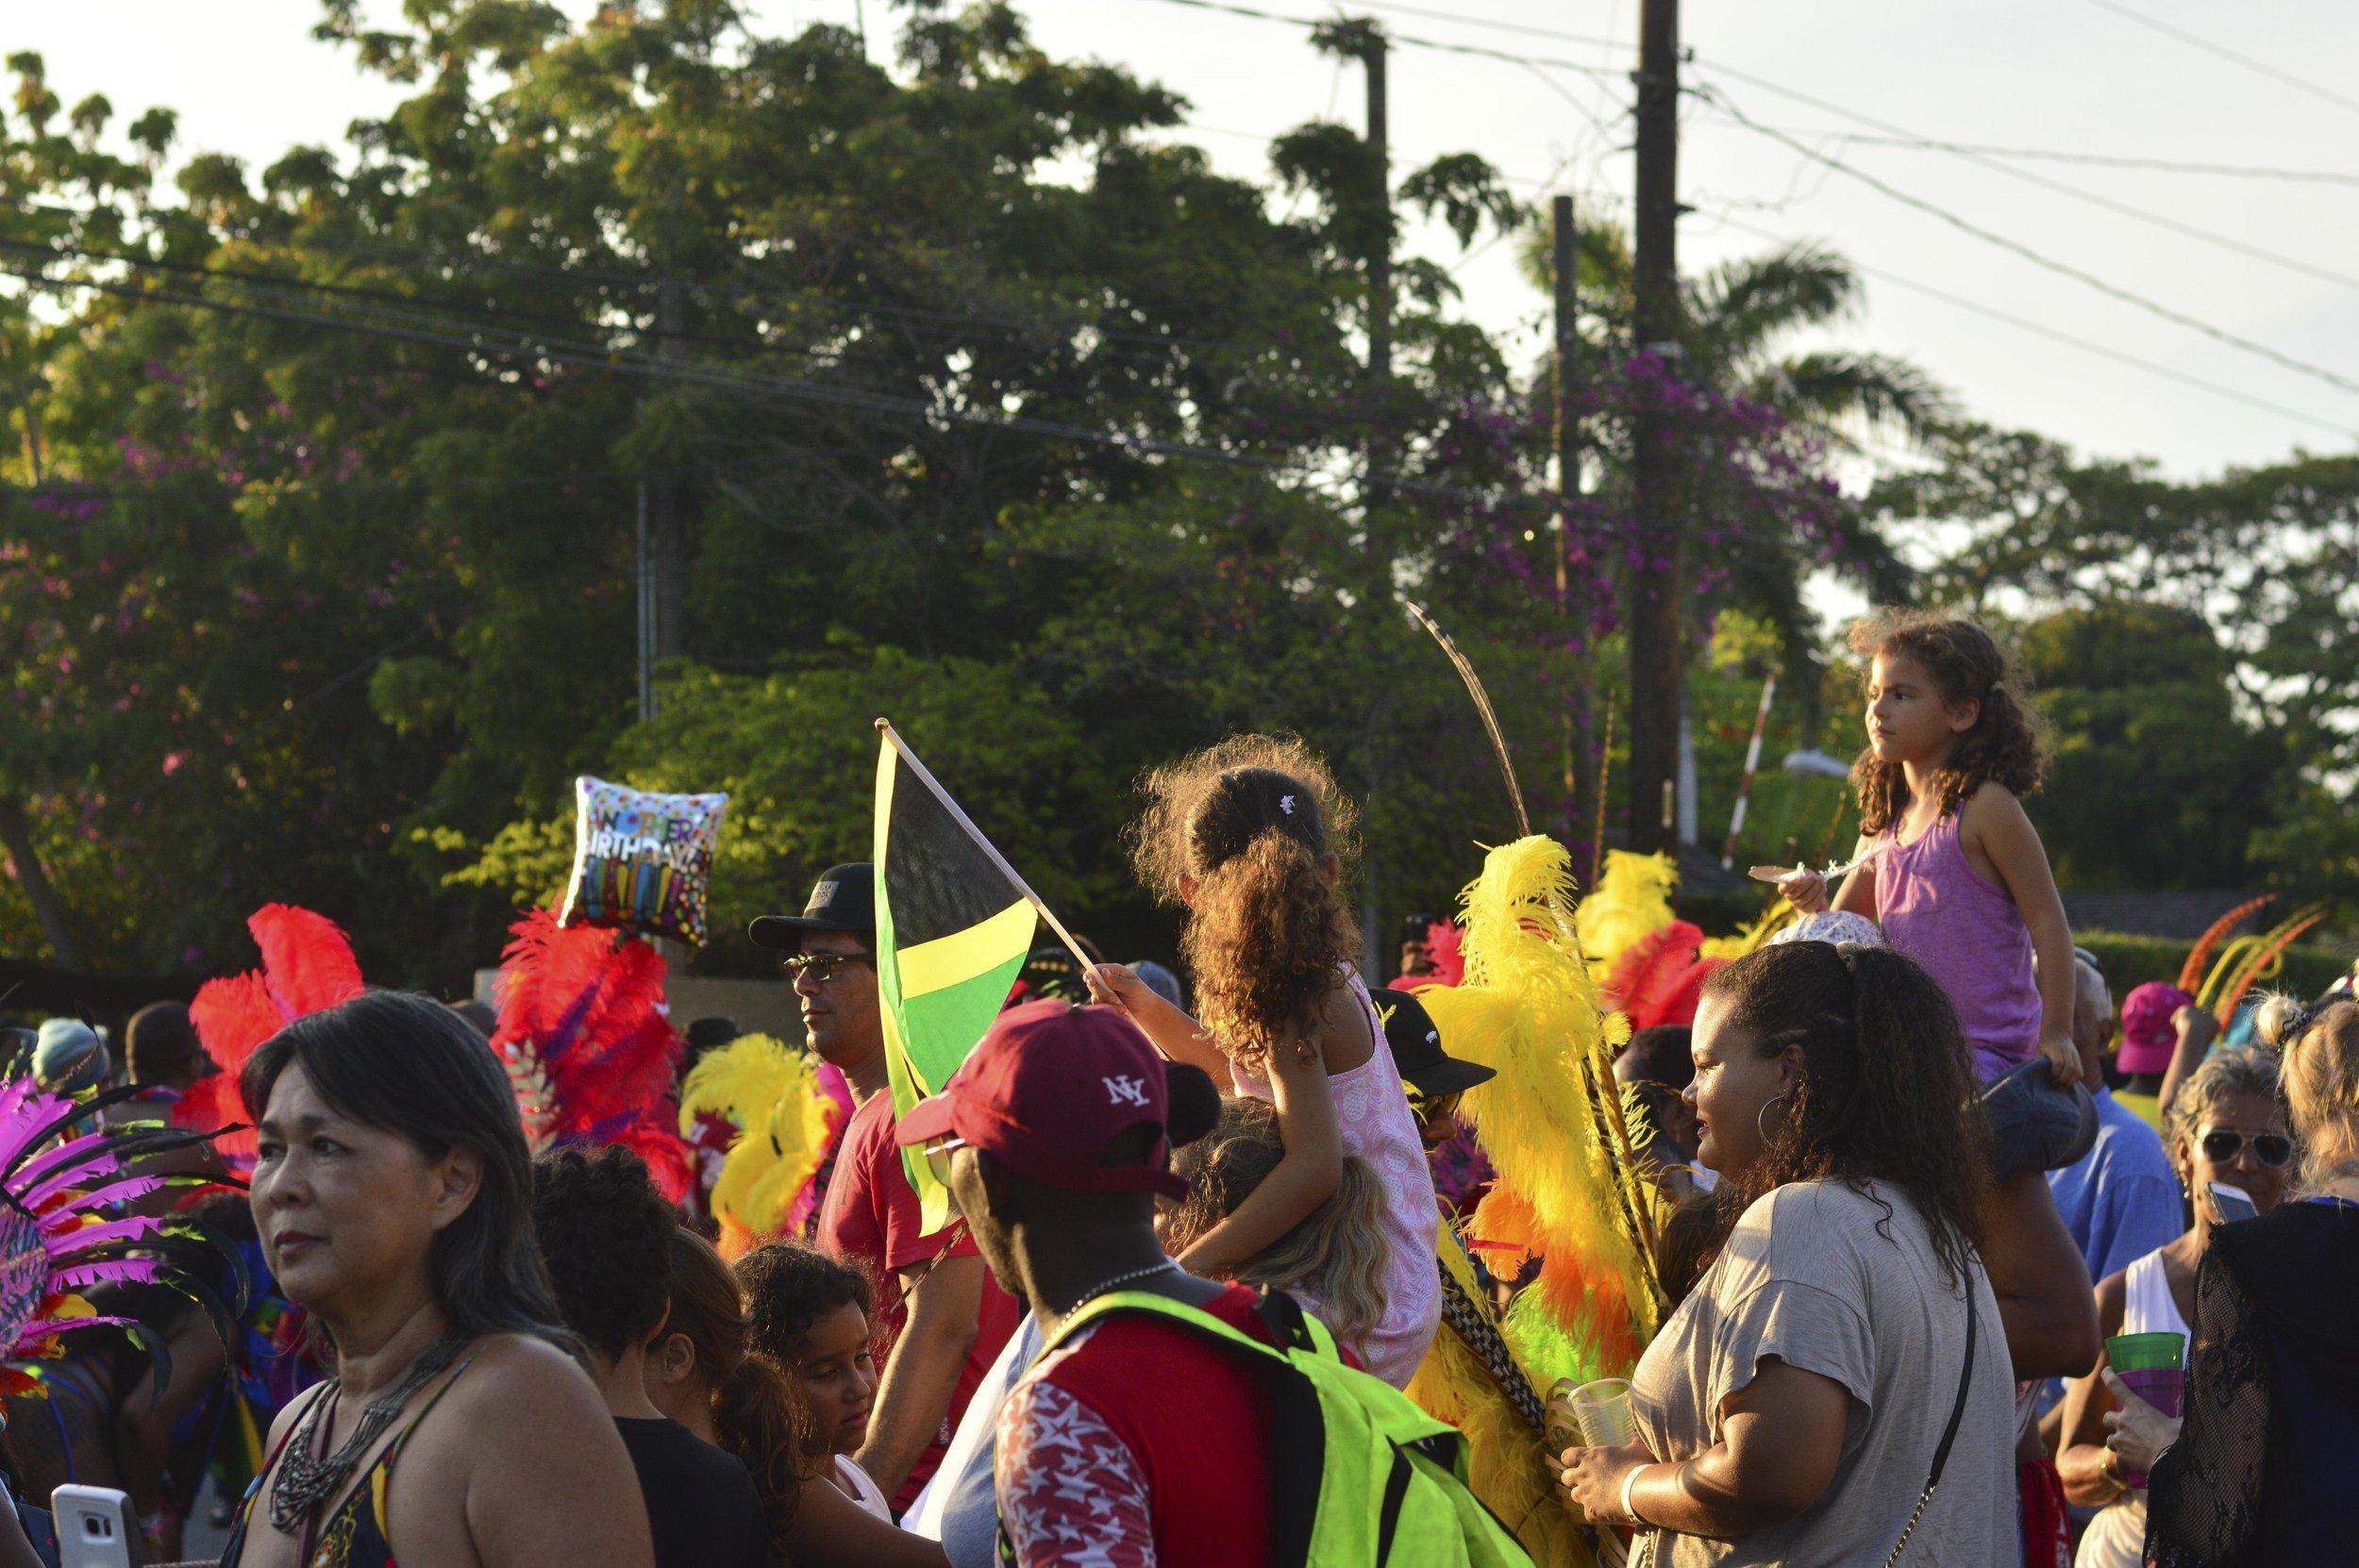 carnival2019_jeanalindo-21.jpg